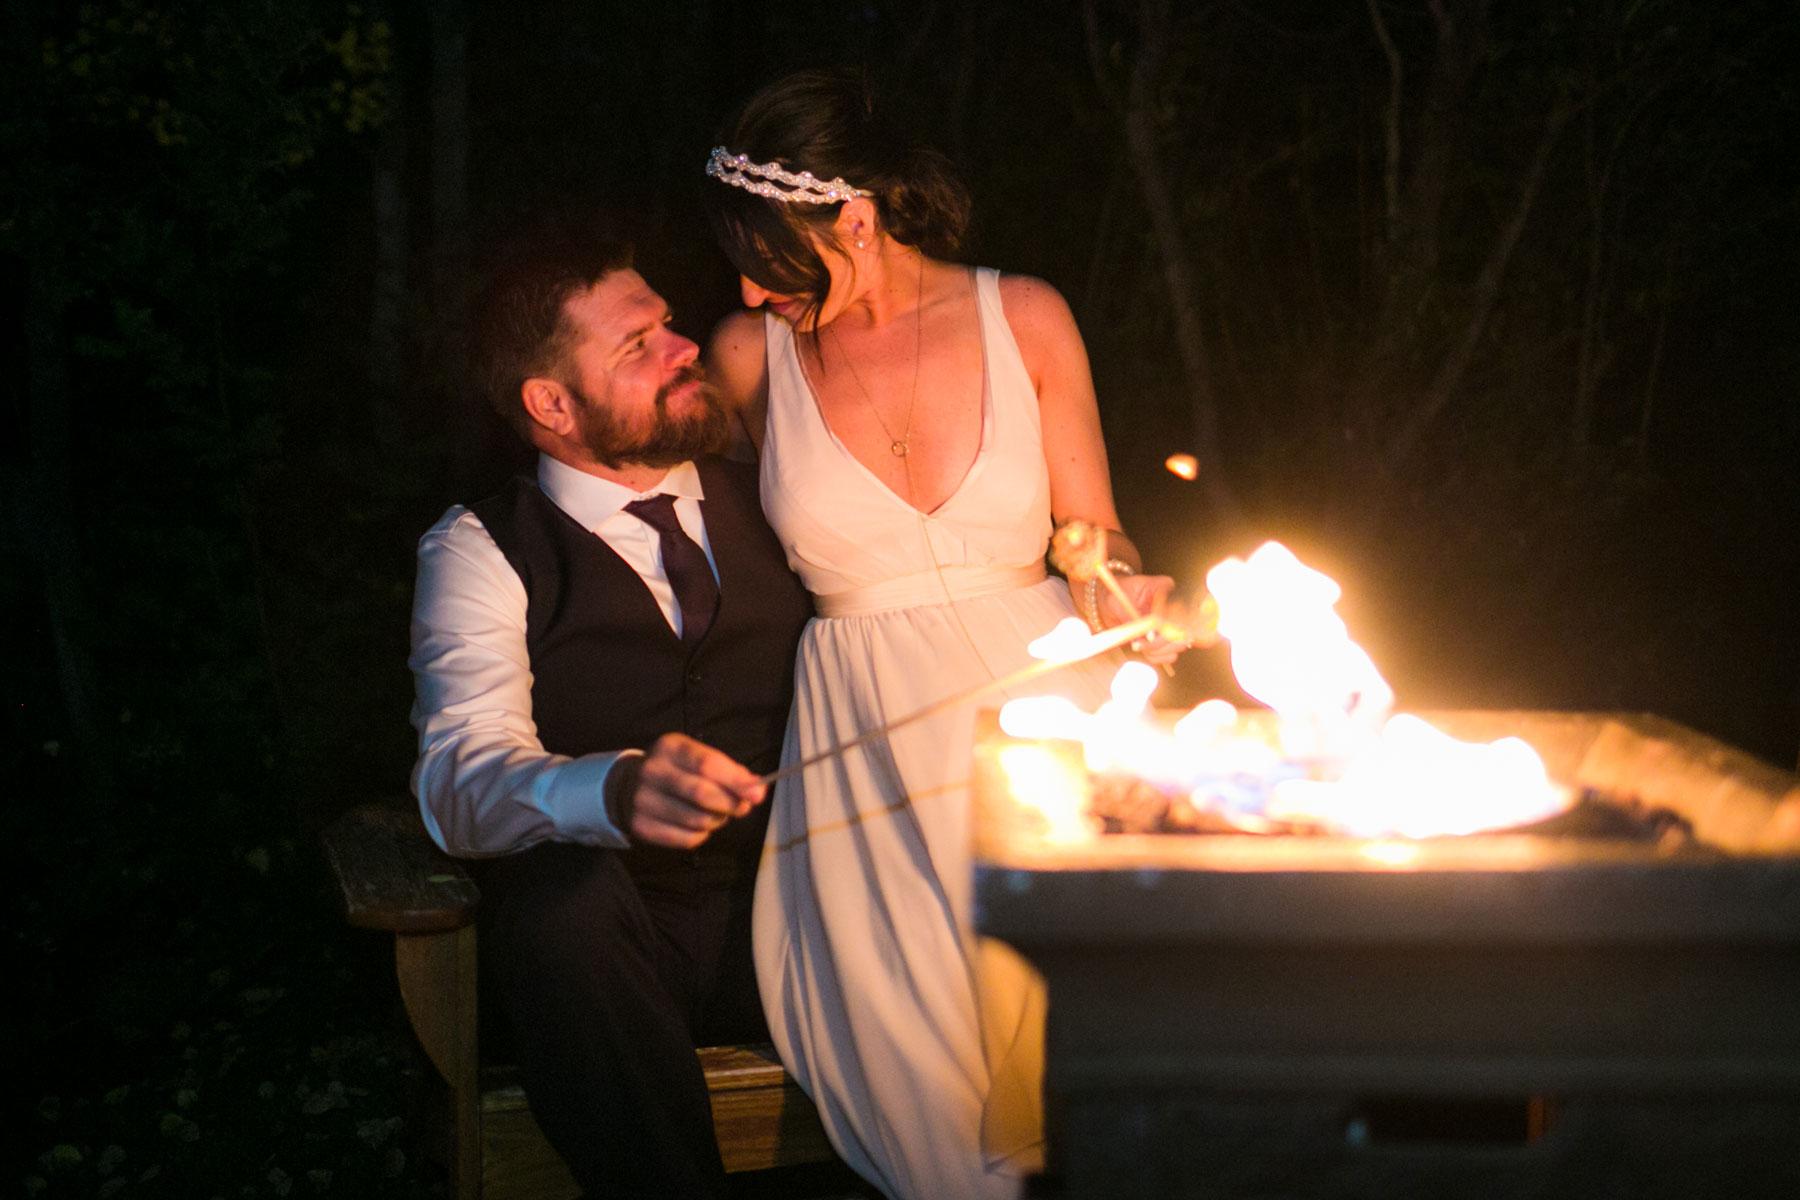 hyatt-lake-tahoe-wedding-tahoe-37-wedding